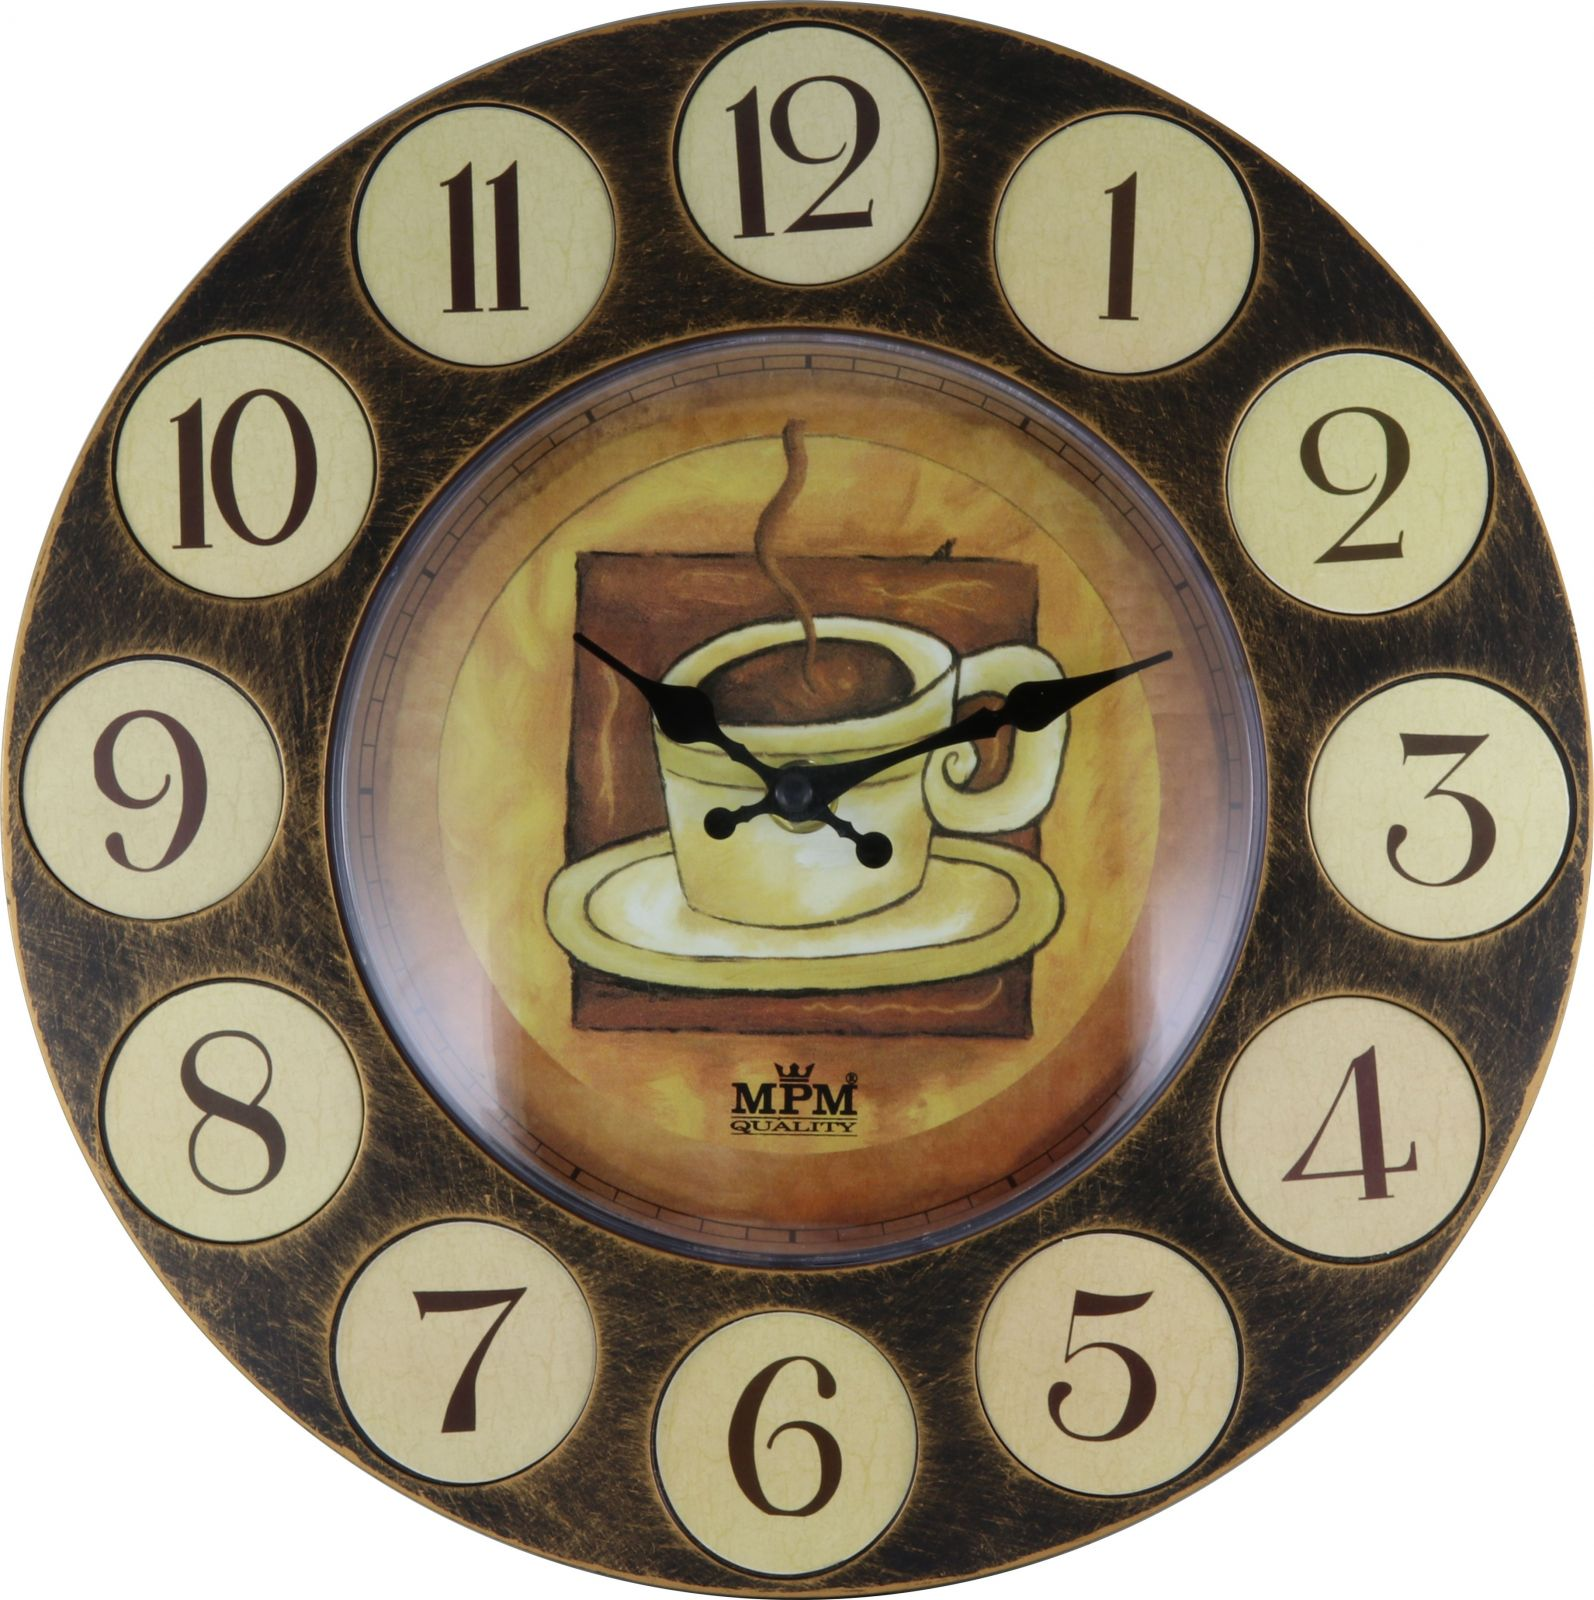 Plastové nástěnné hodiny retro styl E01.3694.01406 52 - hnědá tmavá